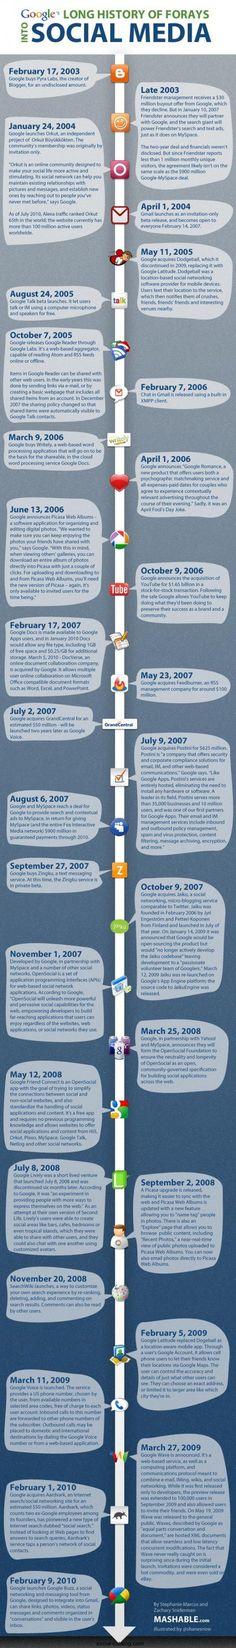 History of Google's Social Media